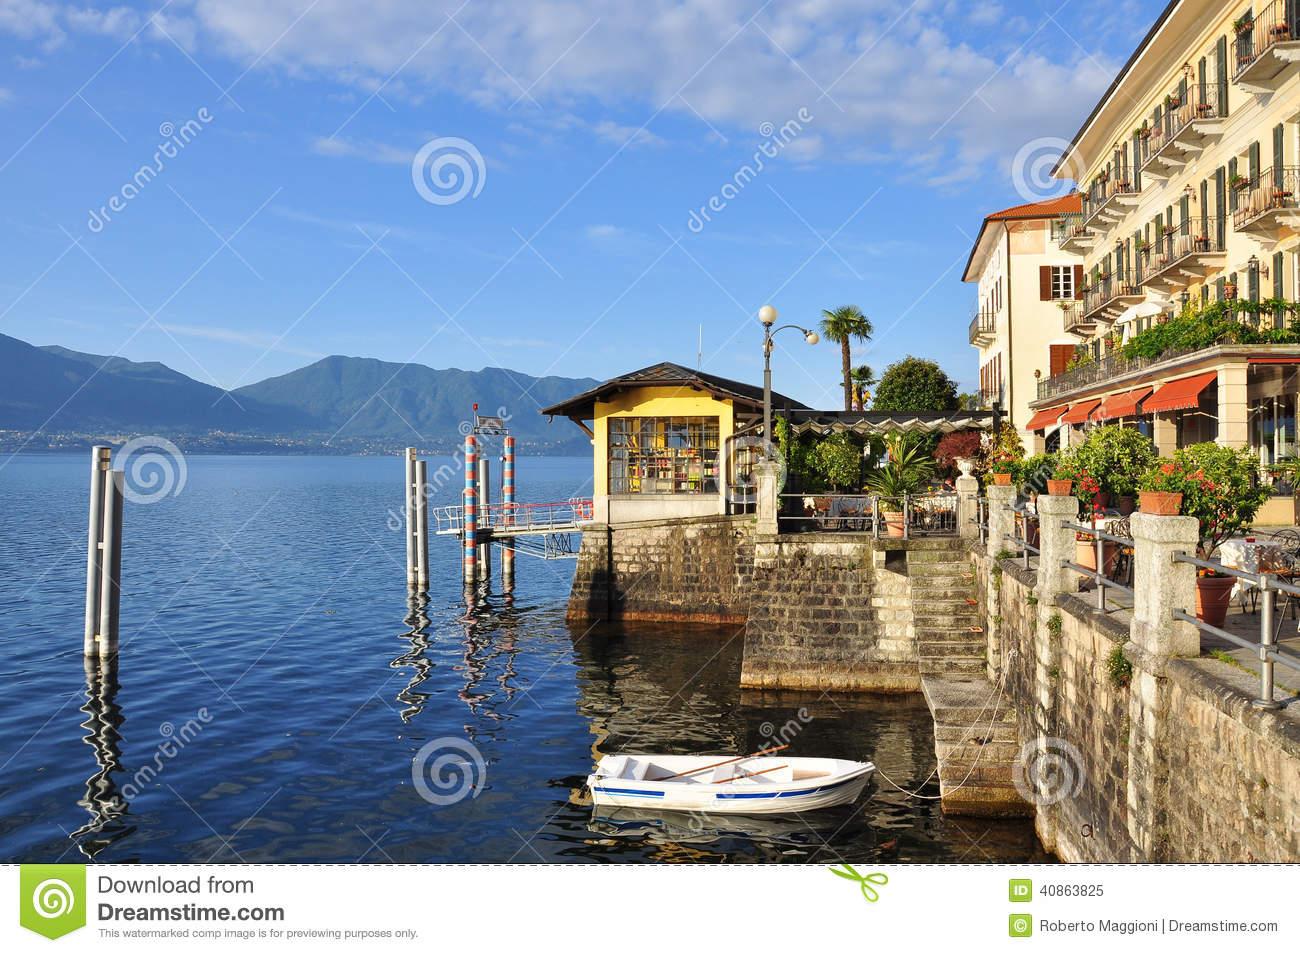 Cannero Riviera Lakefront Promenade, Lake (lago) Maggiore, Italy.